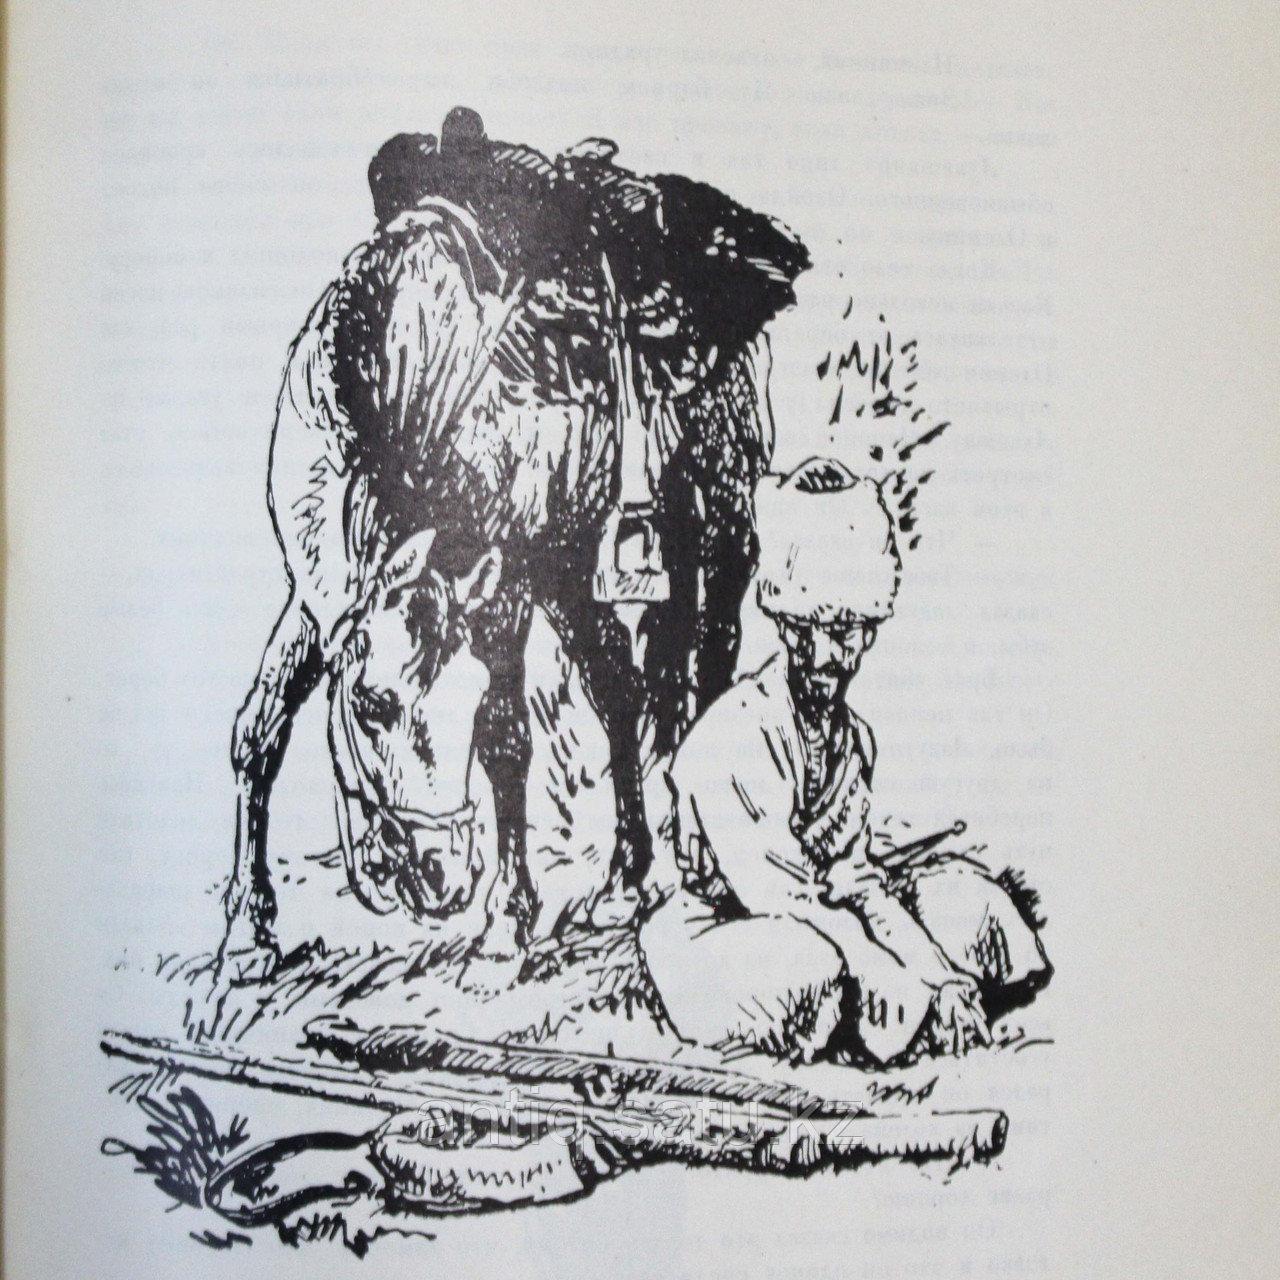 Л. Н. ТОЛСТОЙ. ПОВЕСТЬ «КАЗАКИ» Лев Николаевич Толстой (1828-1910). - фото 6